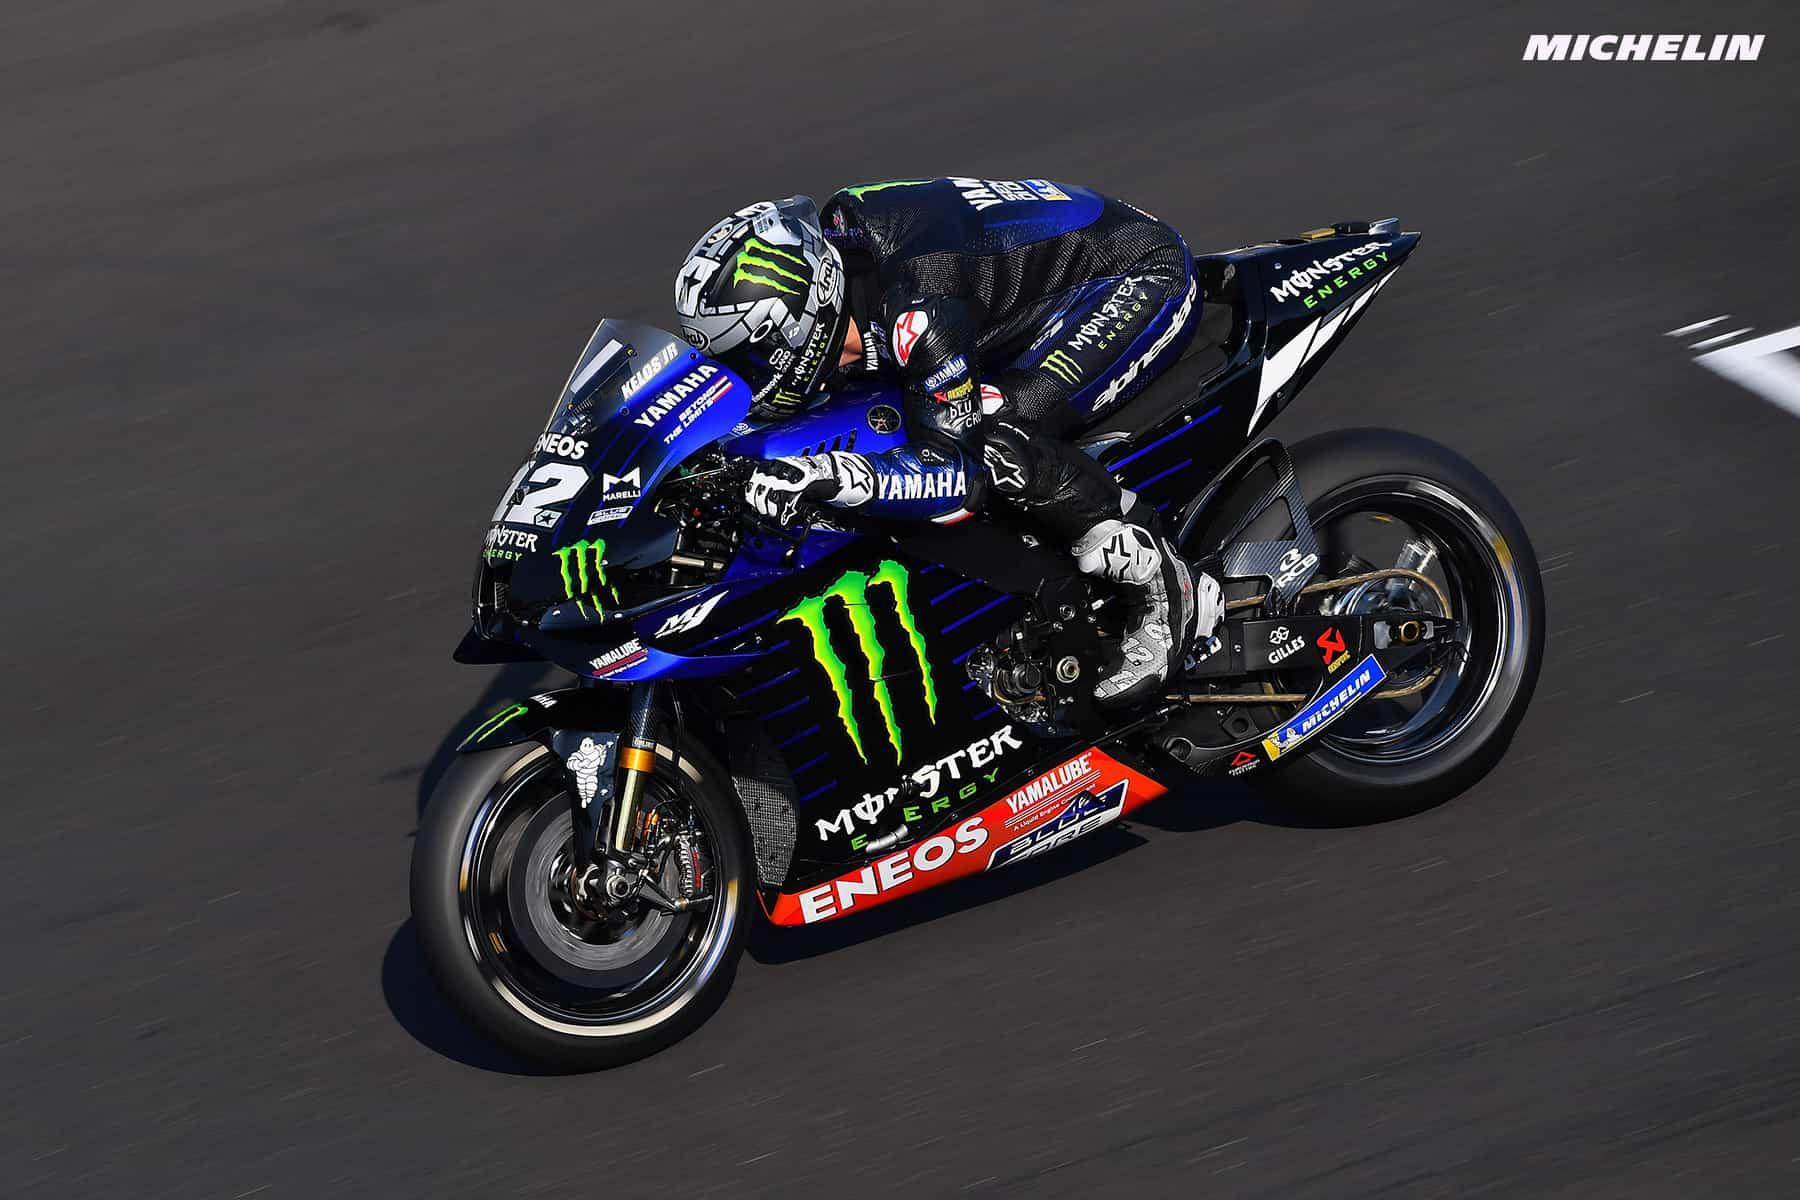 MotoGPポルティマオテスト 初日セッションライダーコメント ヤマハ